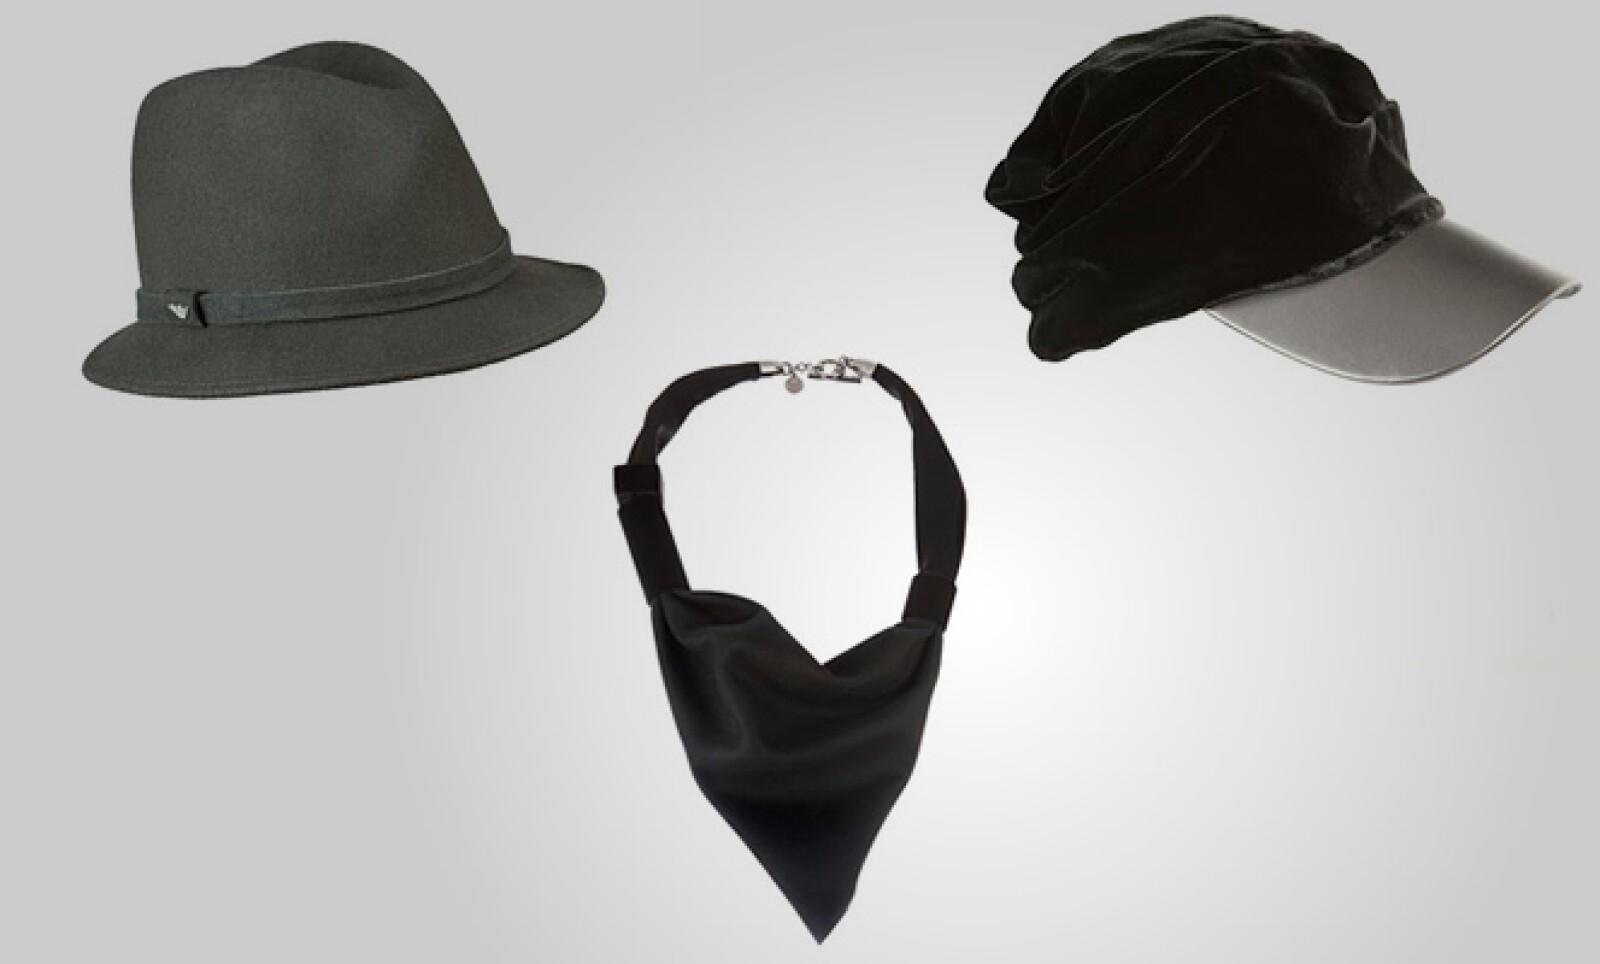 Para ellos también hay varias opciones de accesorios para la cabeza y el torso.